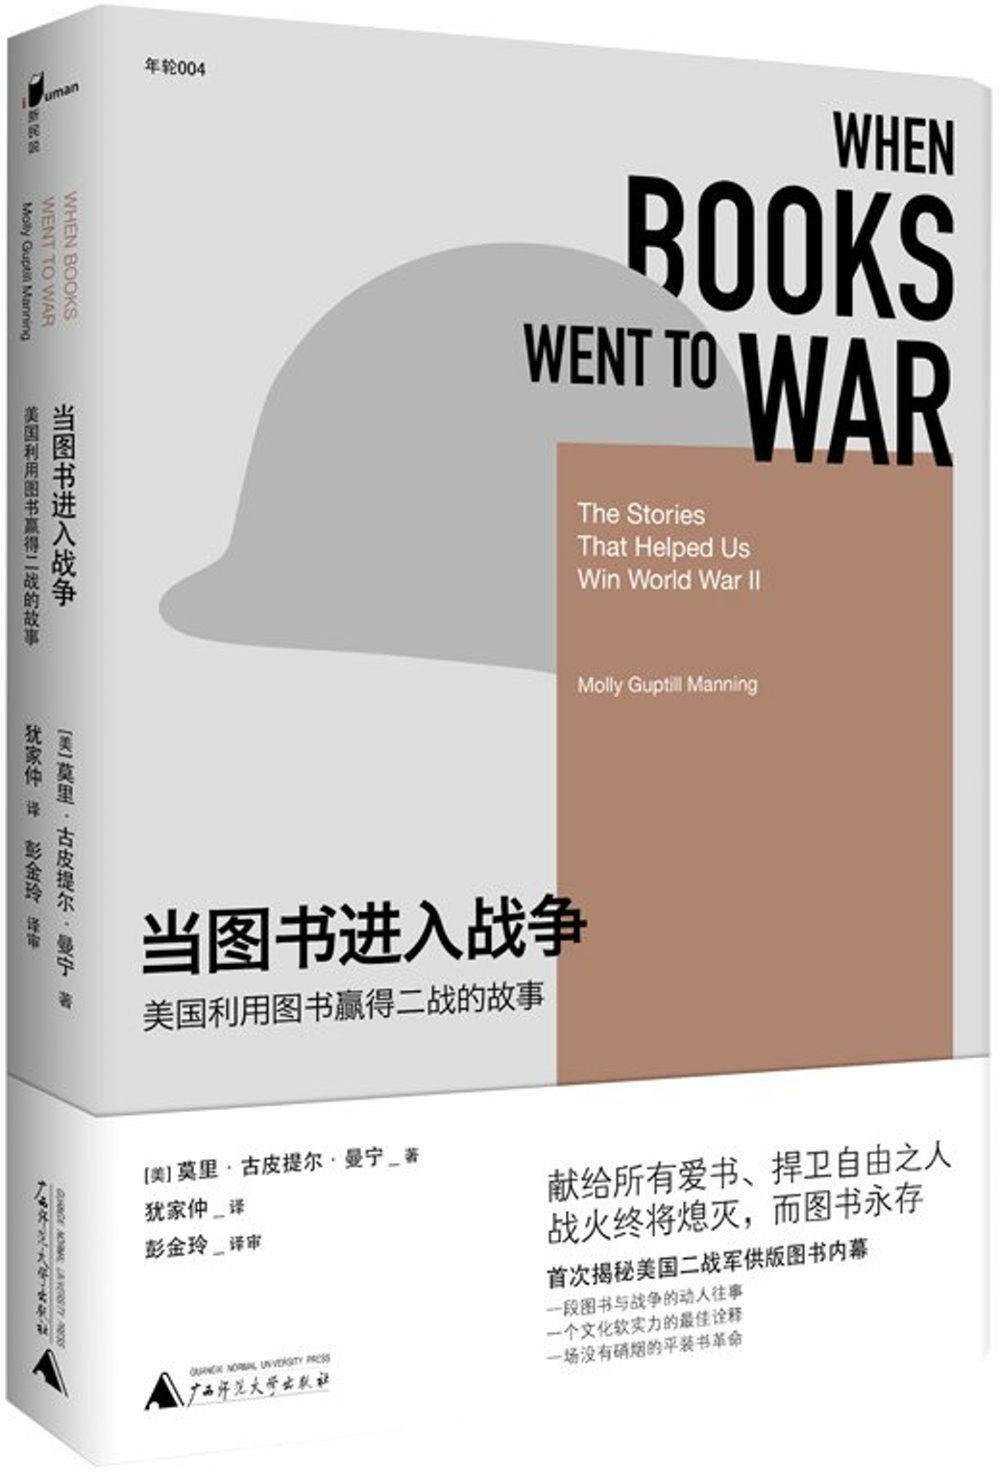 當圖書進入戰爭:美國利用圖書贏得二戰的故事